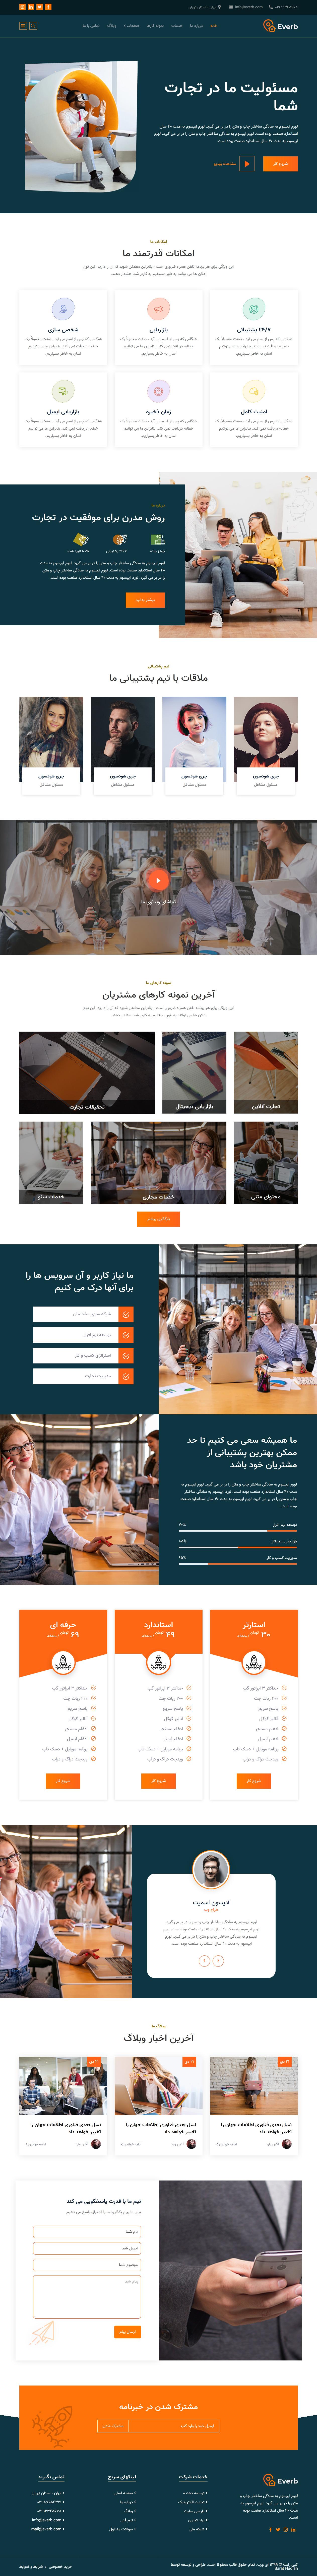 ویژگی های قالب HTML Everb - قالب HTML شرکتی سایت مشاغل و مشاوره